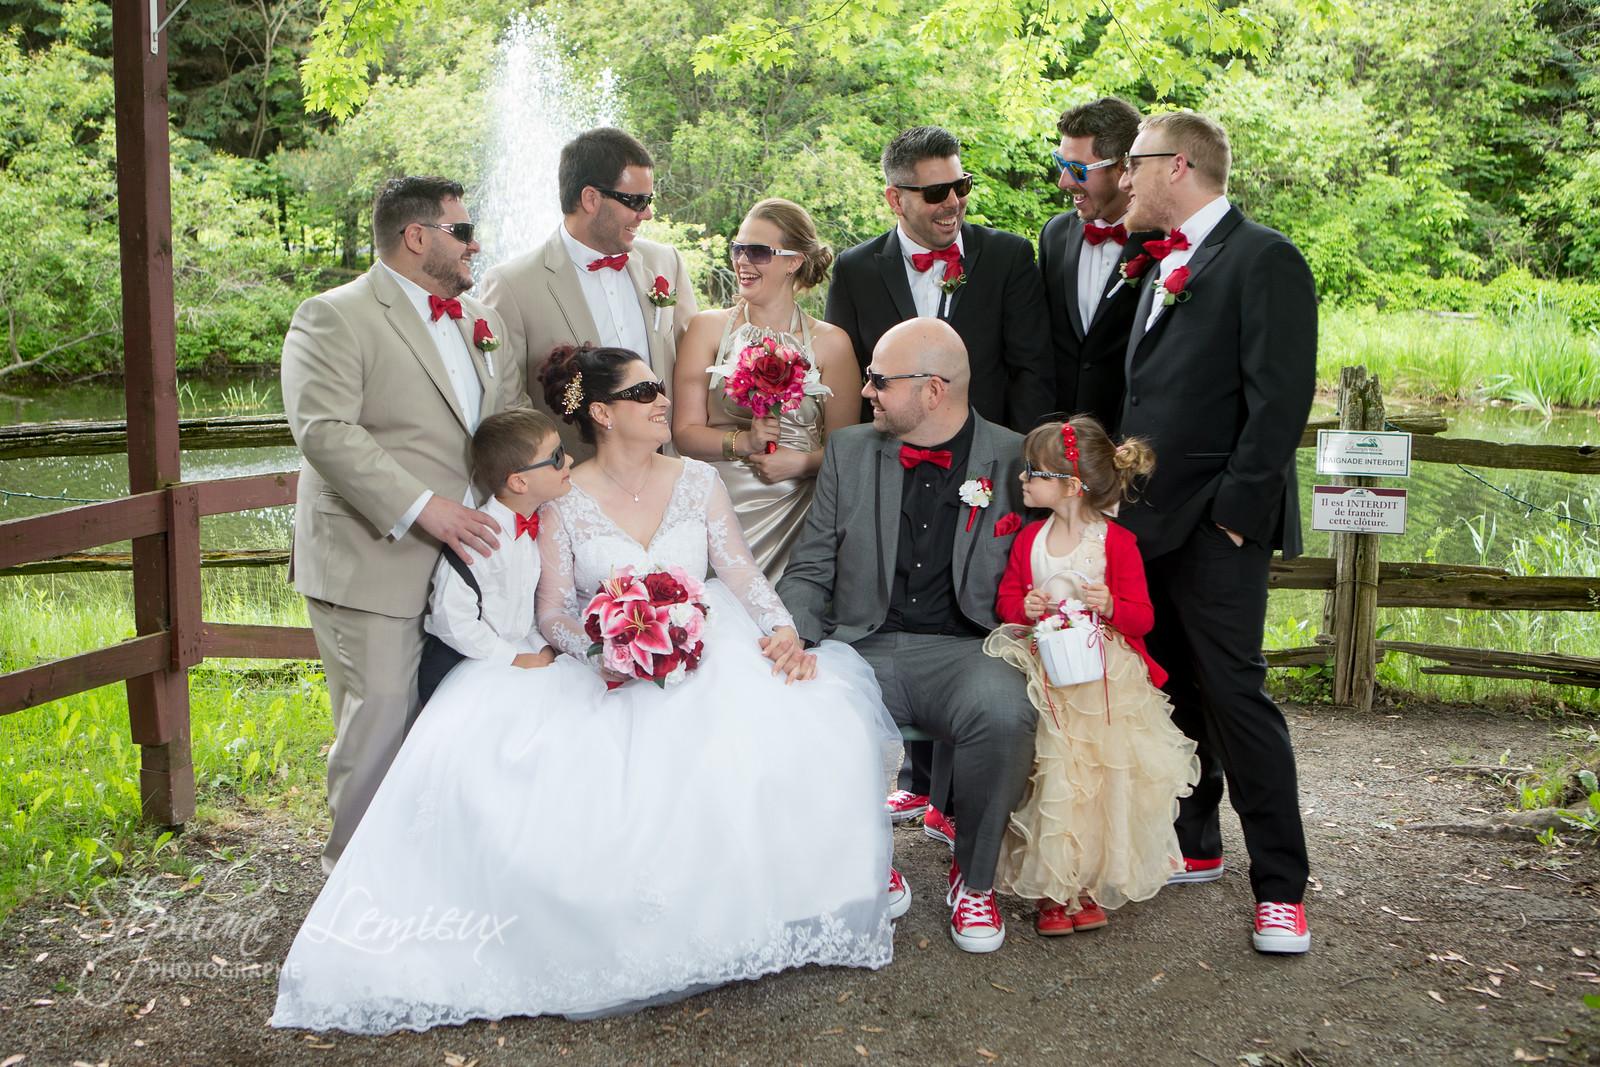 stephane-lemieux-photographe-mariage-montreal-20170603-257